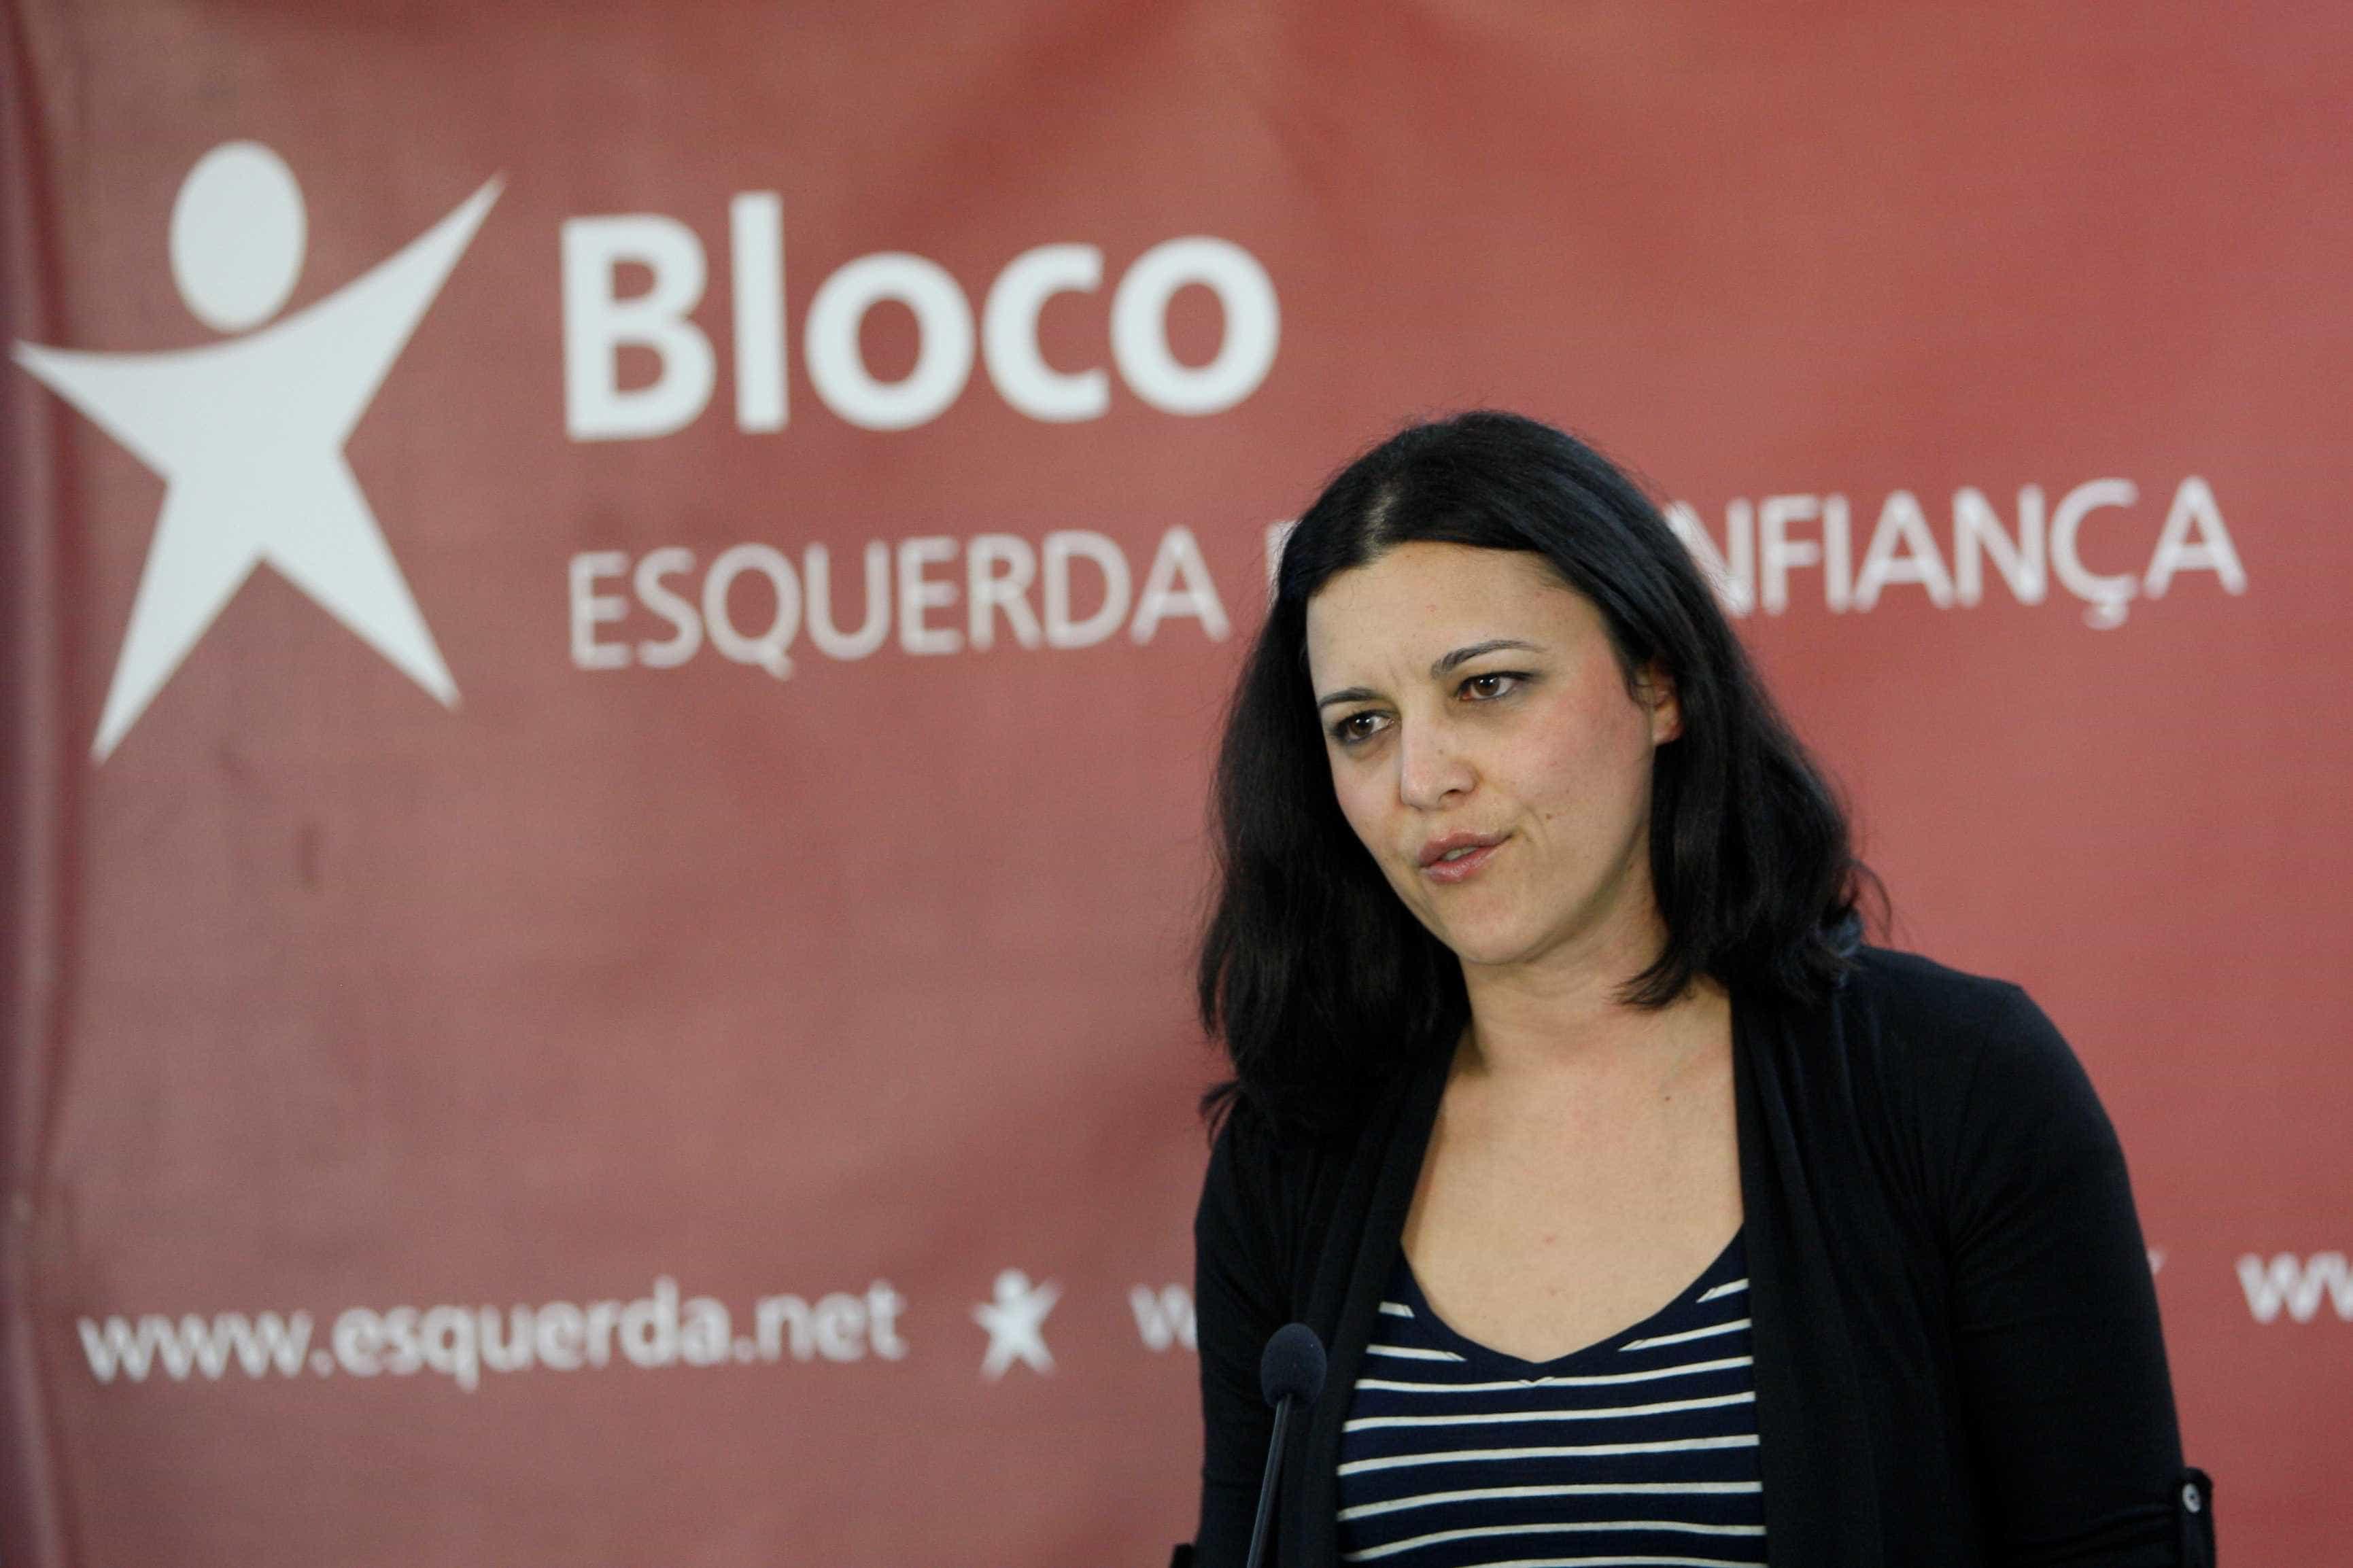 Bloco defende referendo sobre Tratado Orçamental e desafia partidos